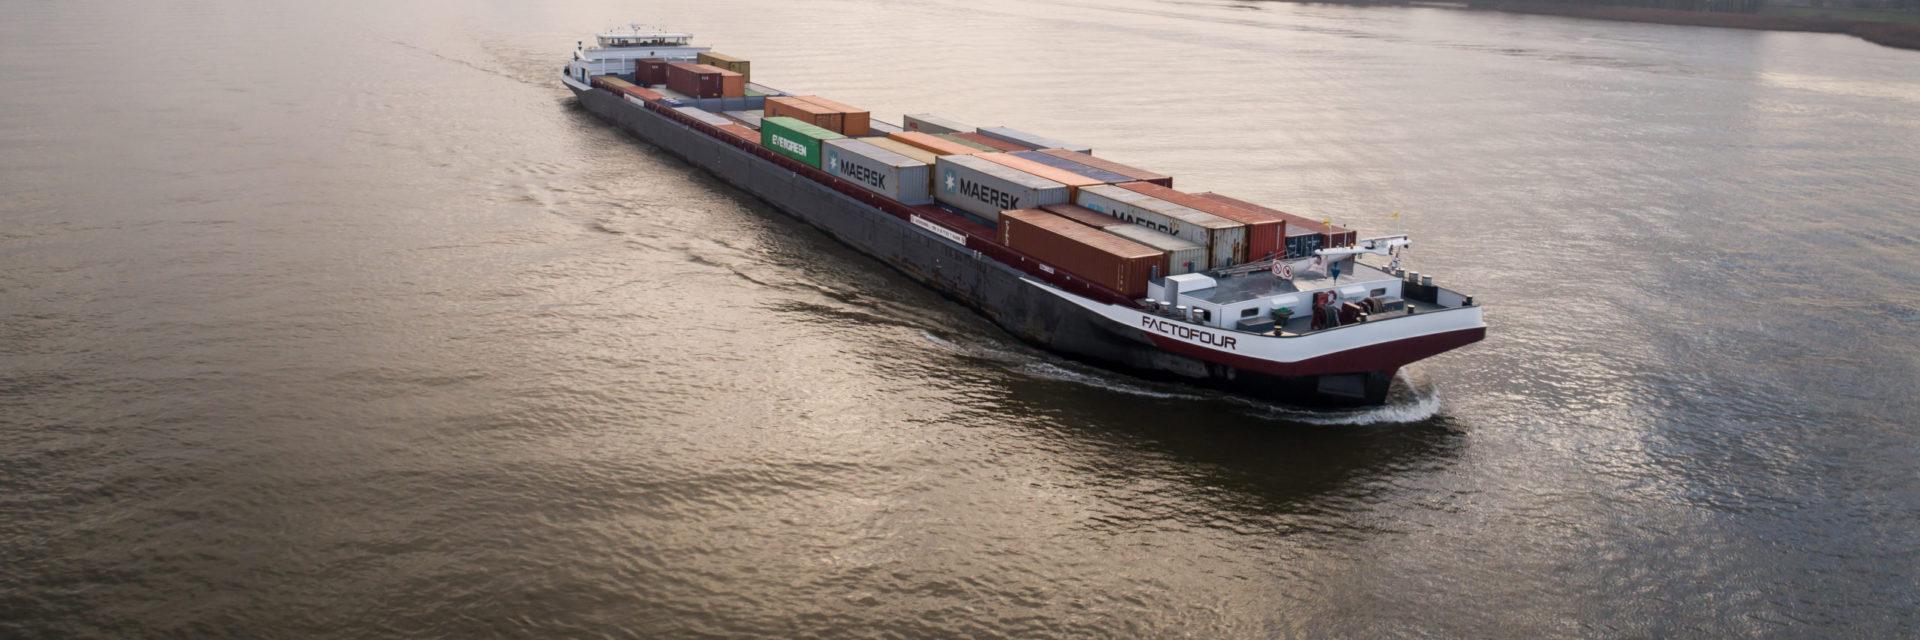 Een vrachtschip op het water. Op de achtergrond is een grote brug te zien.